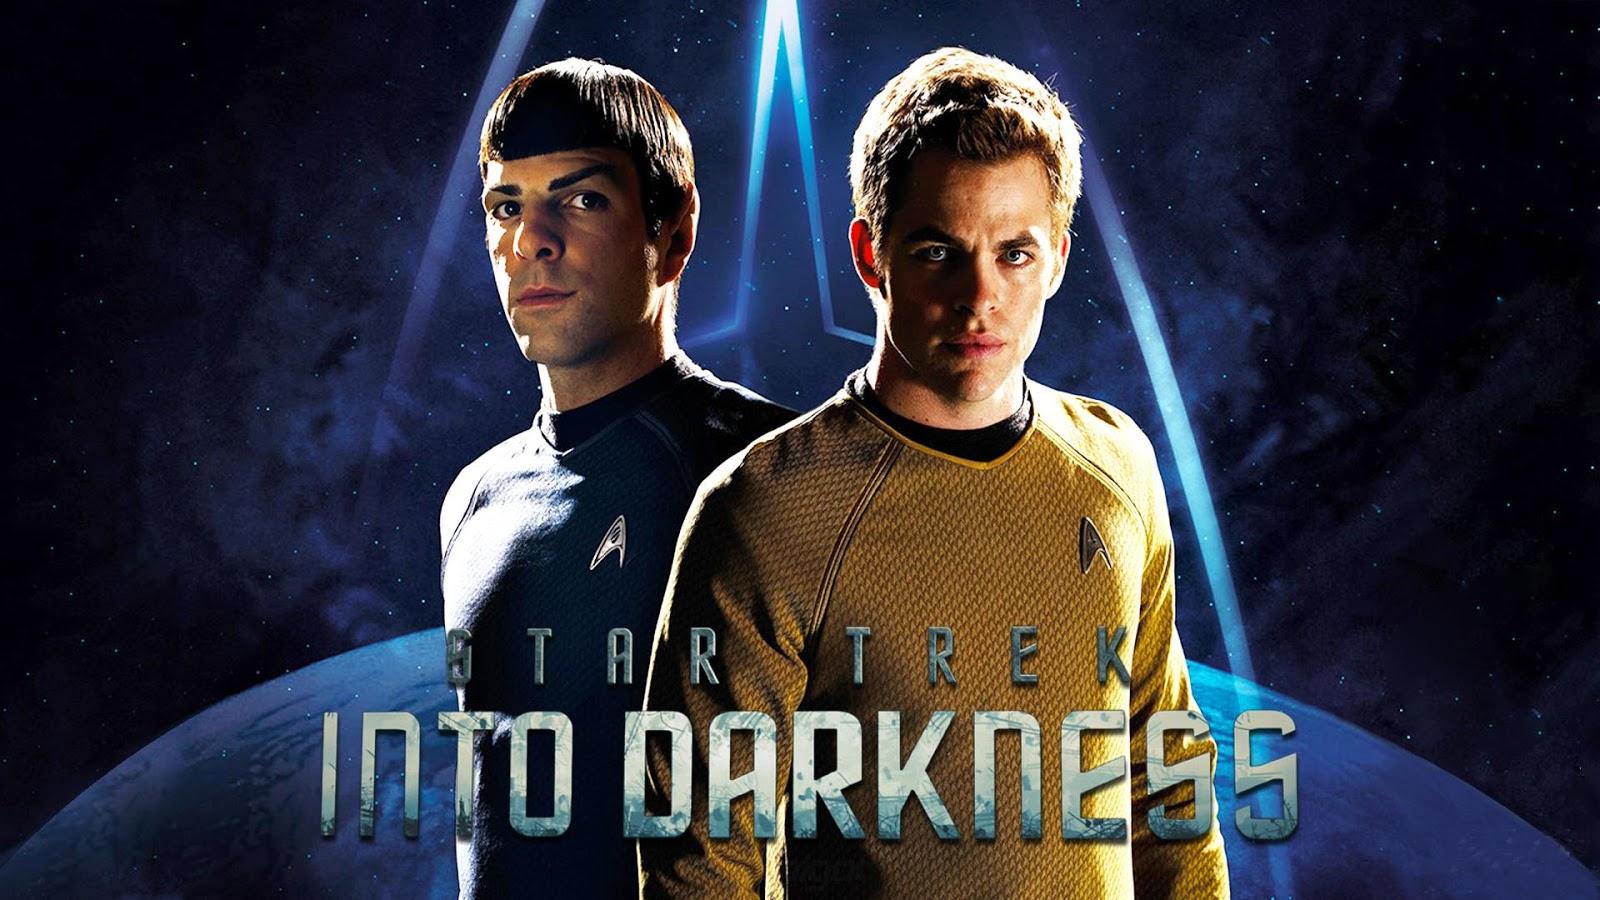 Star Trek 2013 Movie Logo Wallpaper